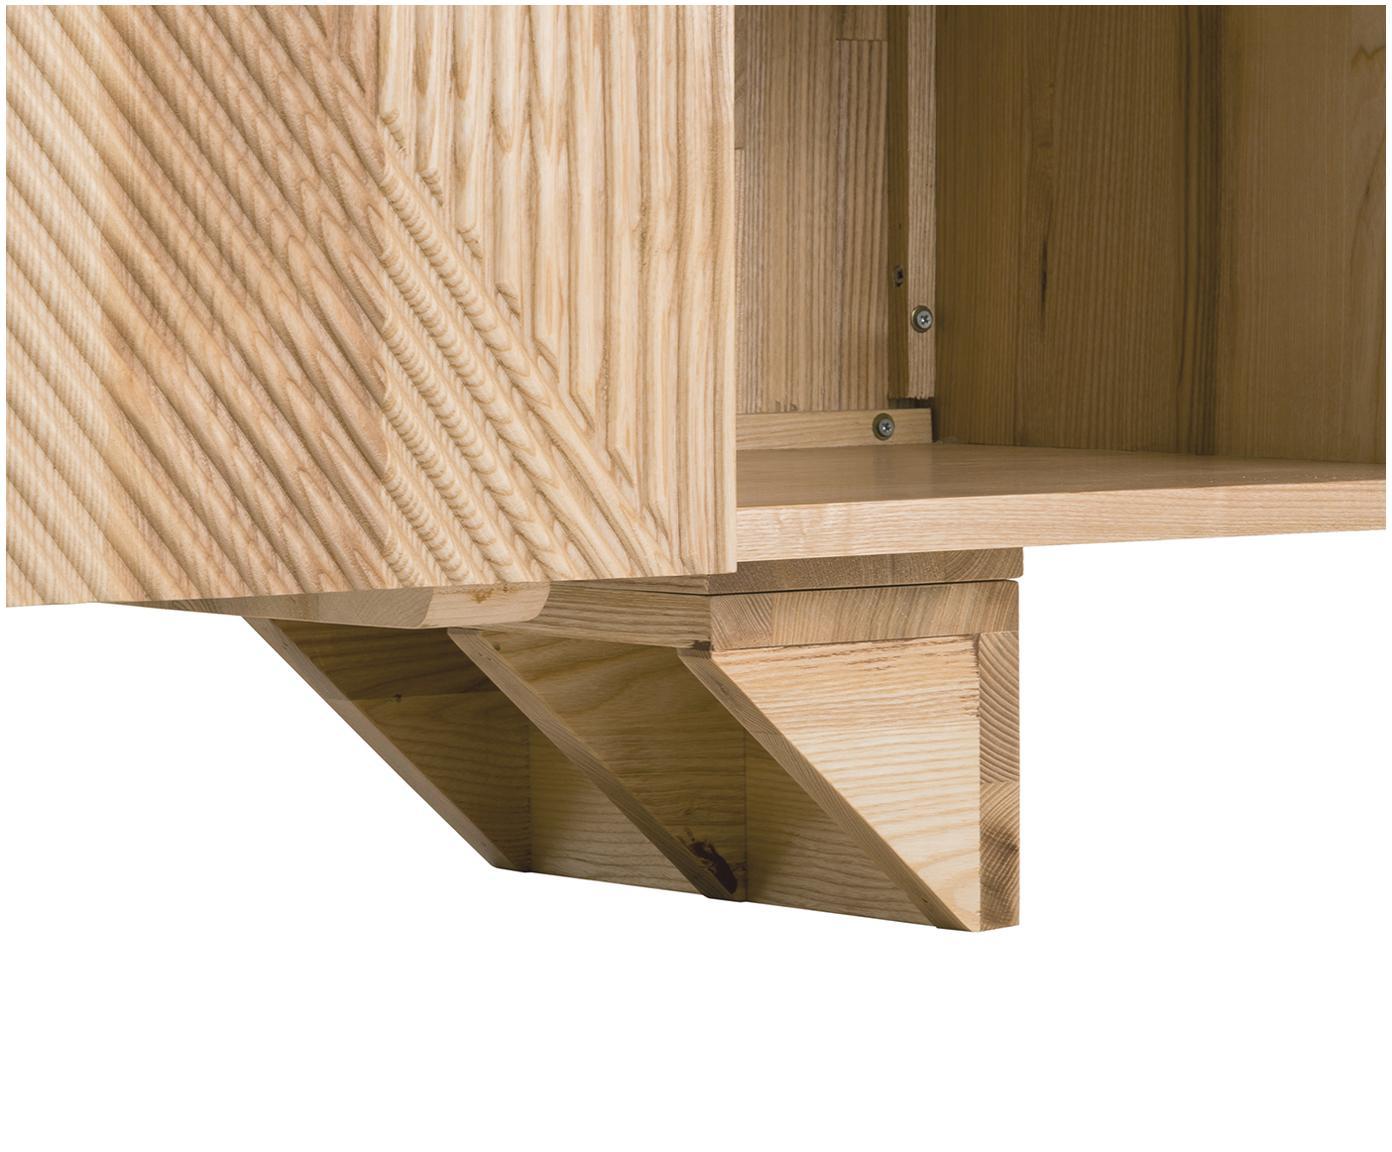 Komoda z litego drewna Louis, Lite drewno jesionowe, lakierowane, Drewno jesionowe, S 177 x W 75 cm